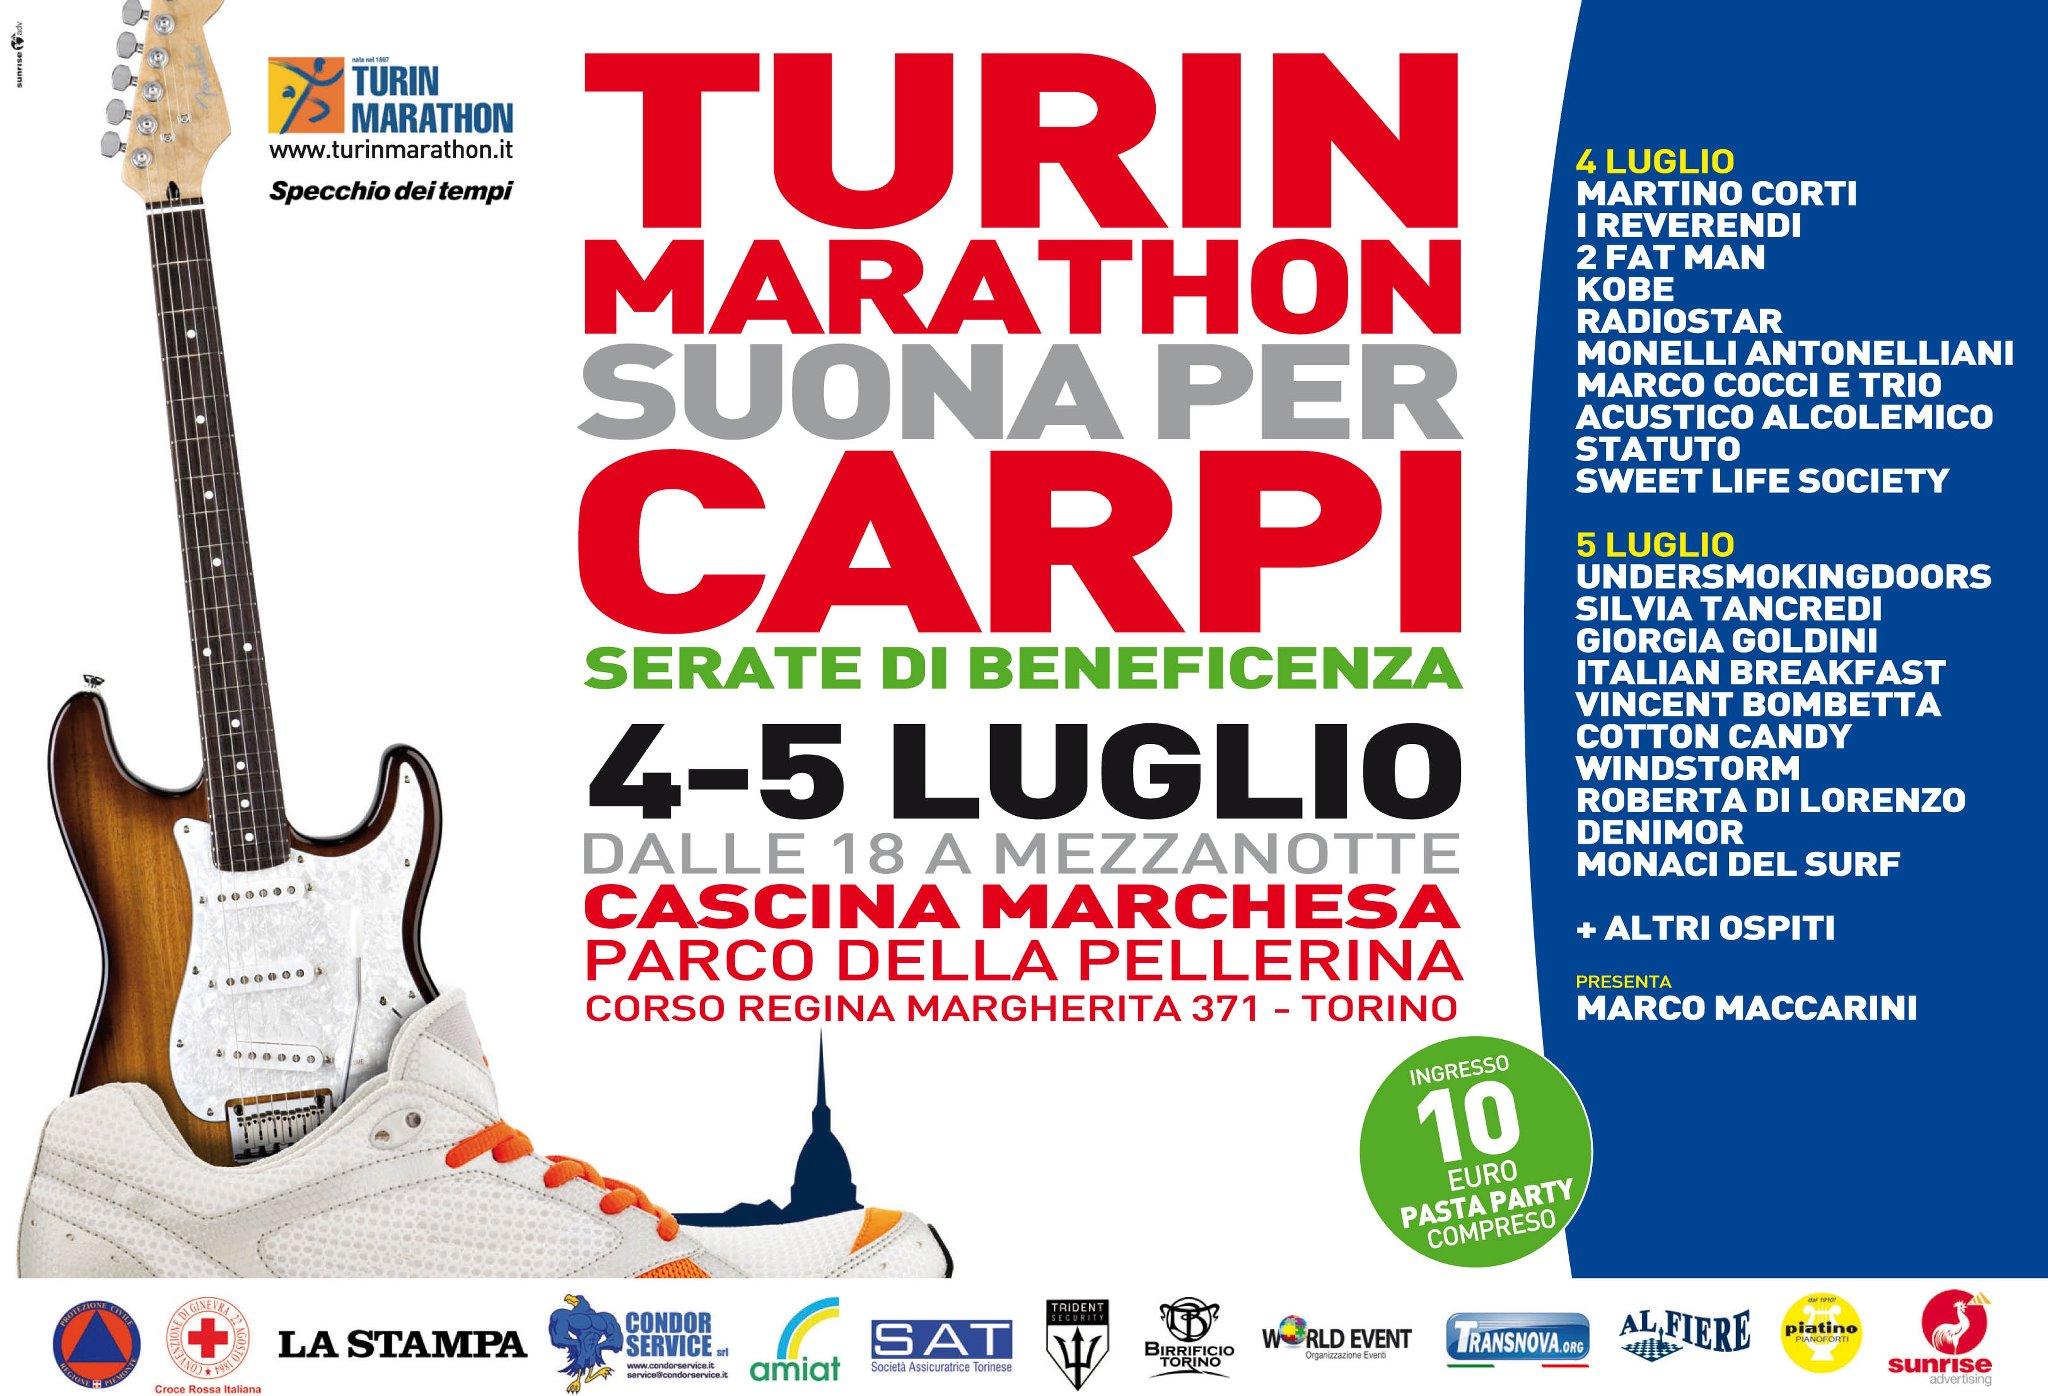 Turin marathon e la fondazione la stampa specchio dei tempi insieme per carpi sportorino - La stampa specchio ...